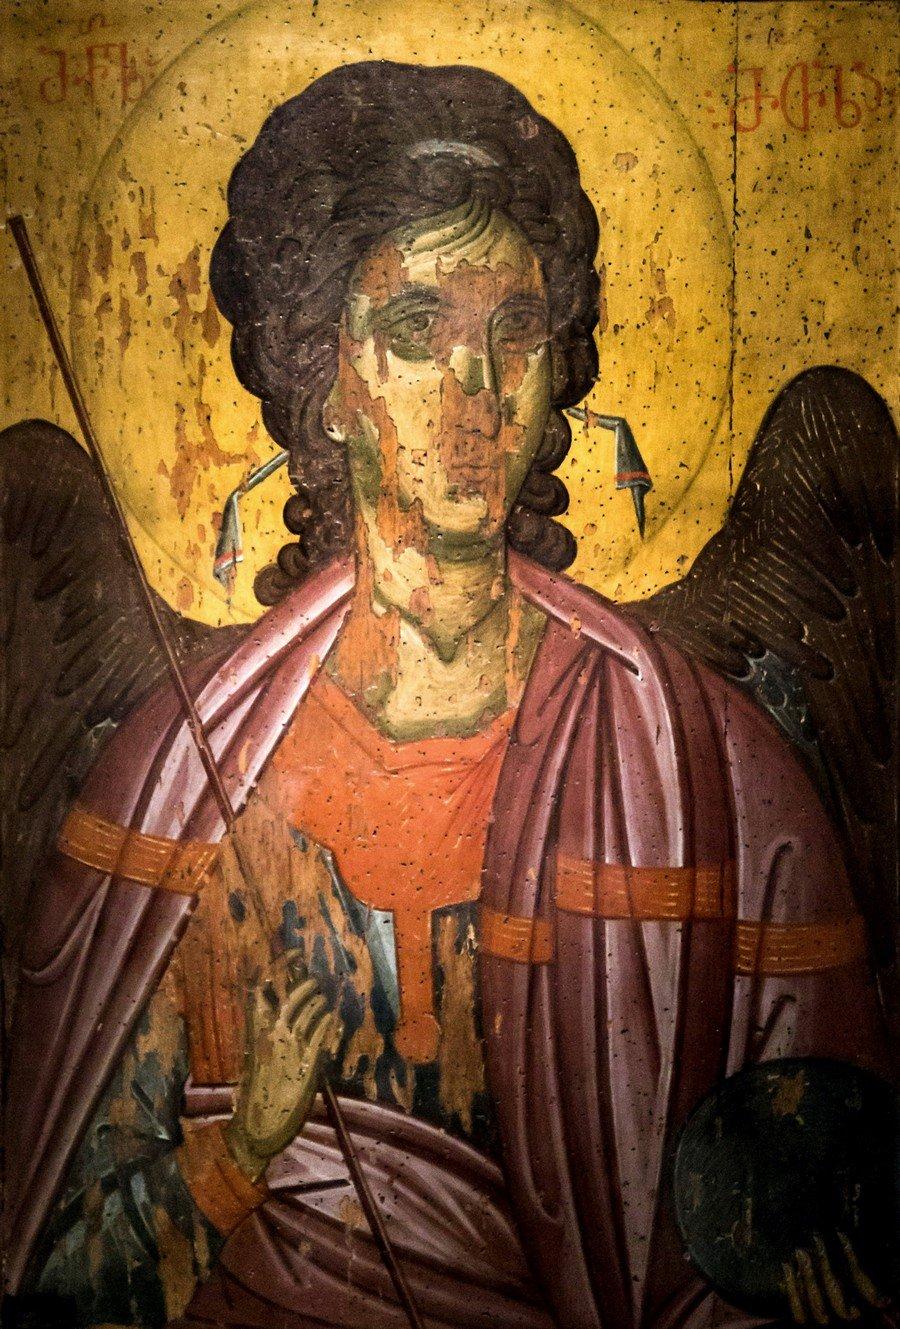 Архангел Михаил. Икона из деисиса монастыря Убиса (Убиси). Грузия, XIV век.